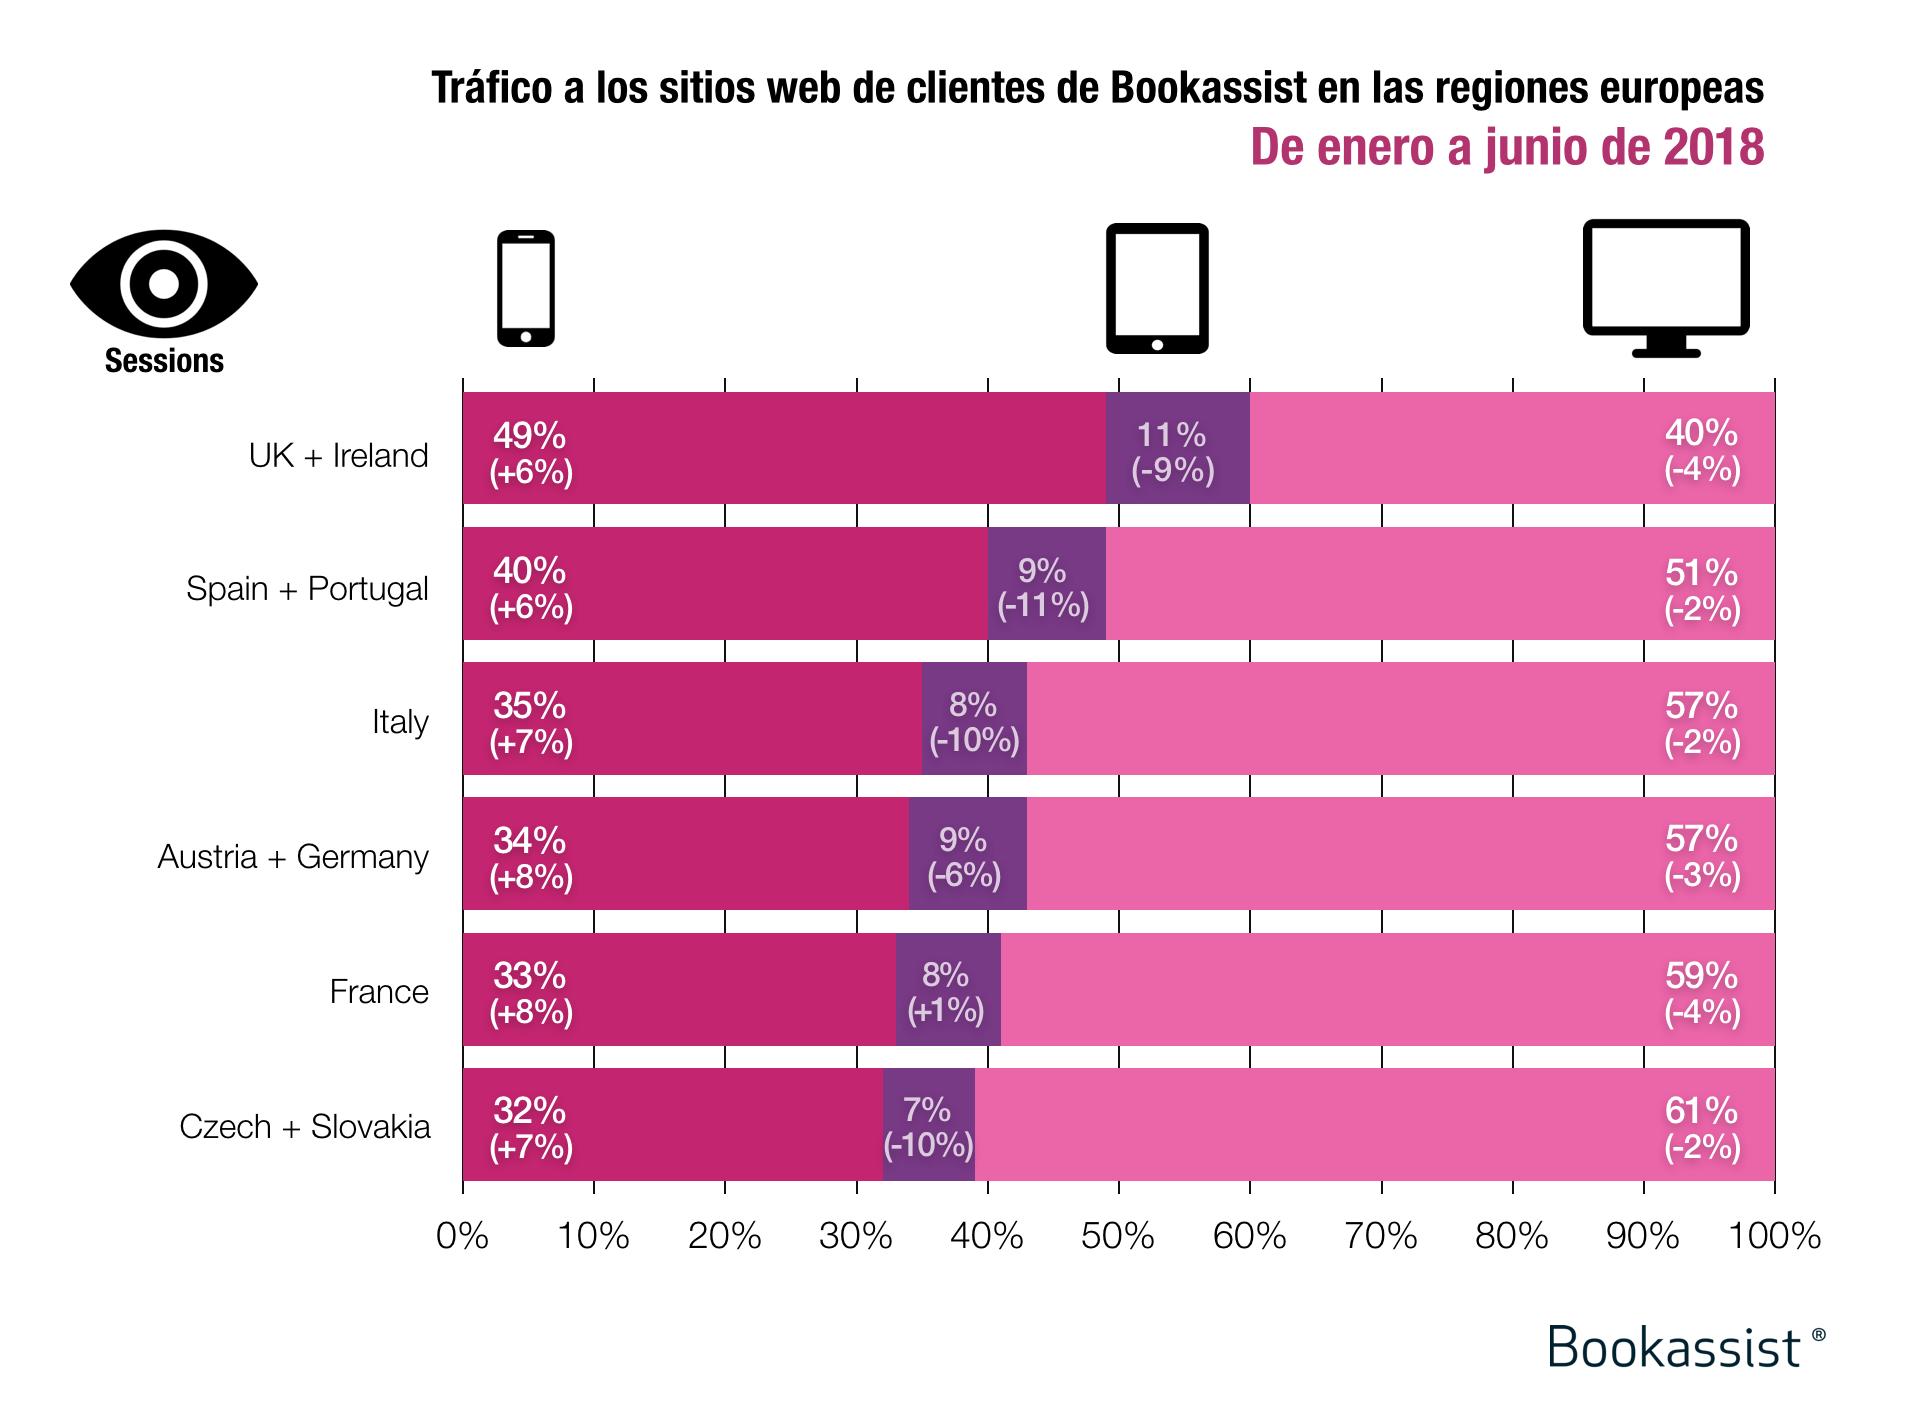 Sesiones de visitantes por dispositivo en los sitios web de hoteles clientes de Bookassist en Europa, de enero a junio de 2018